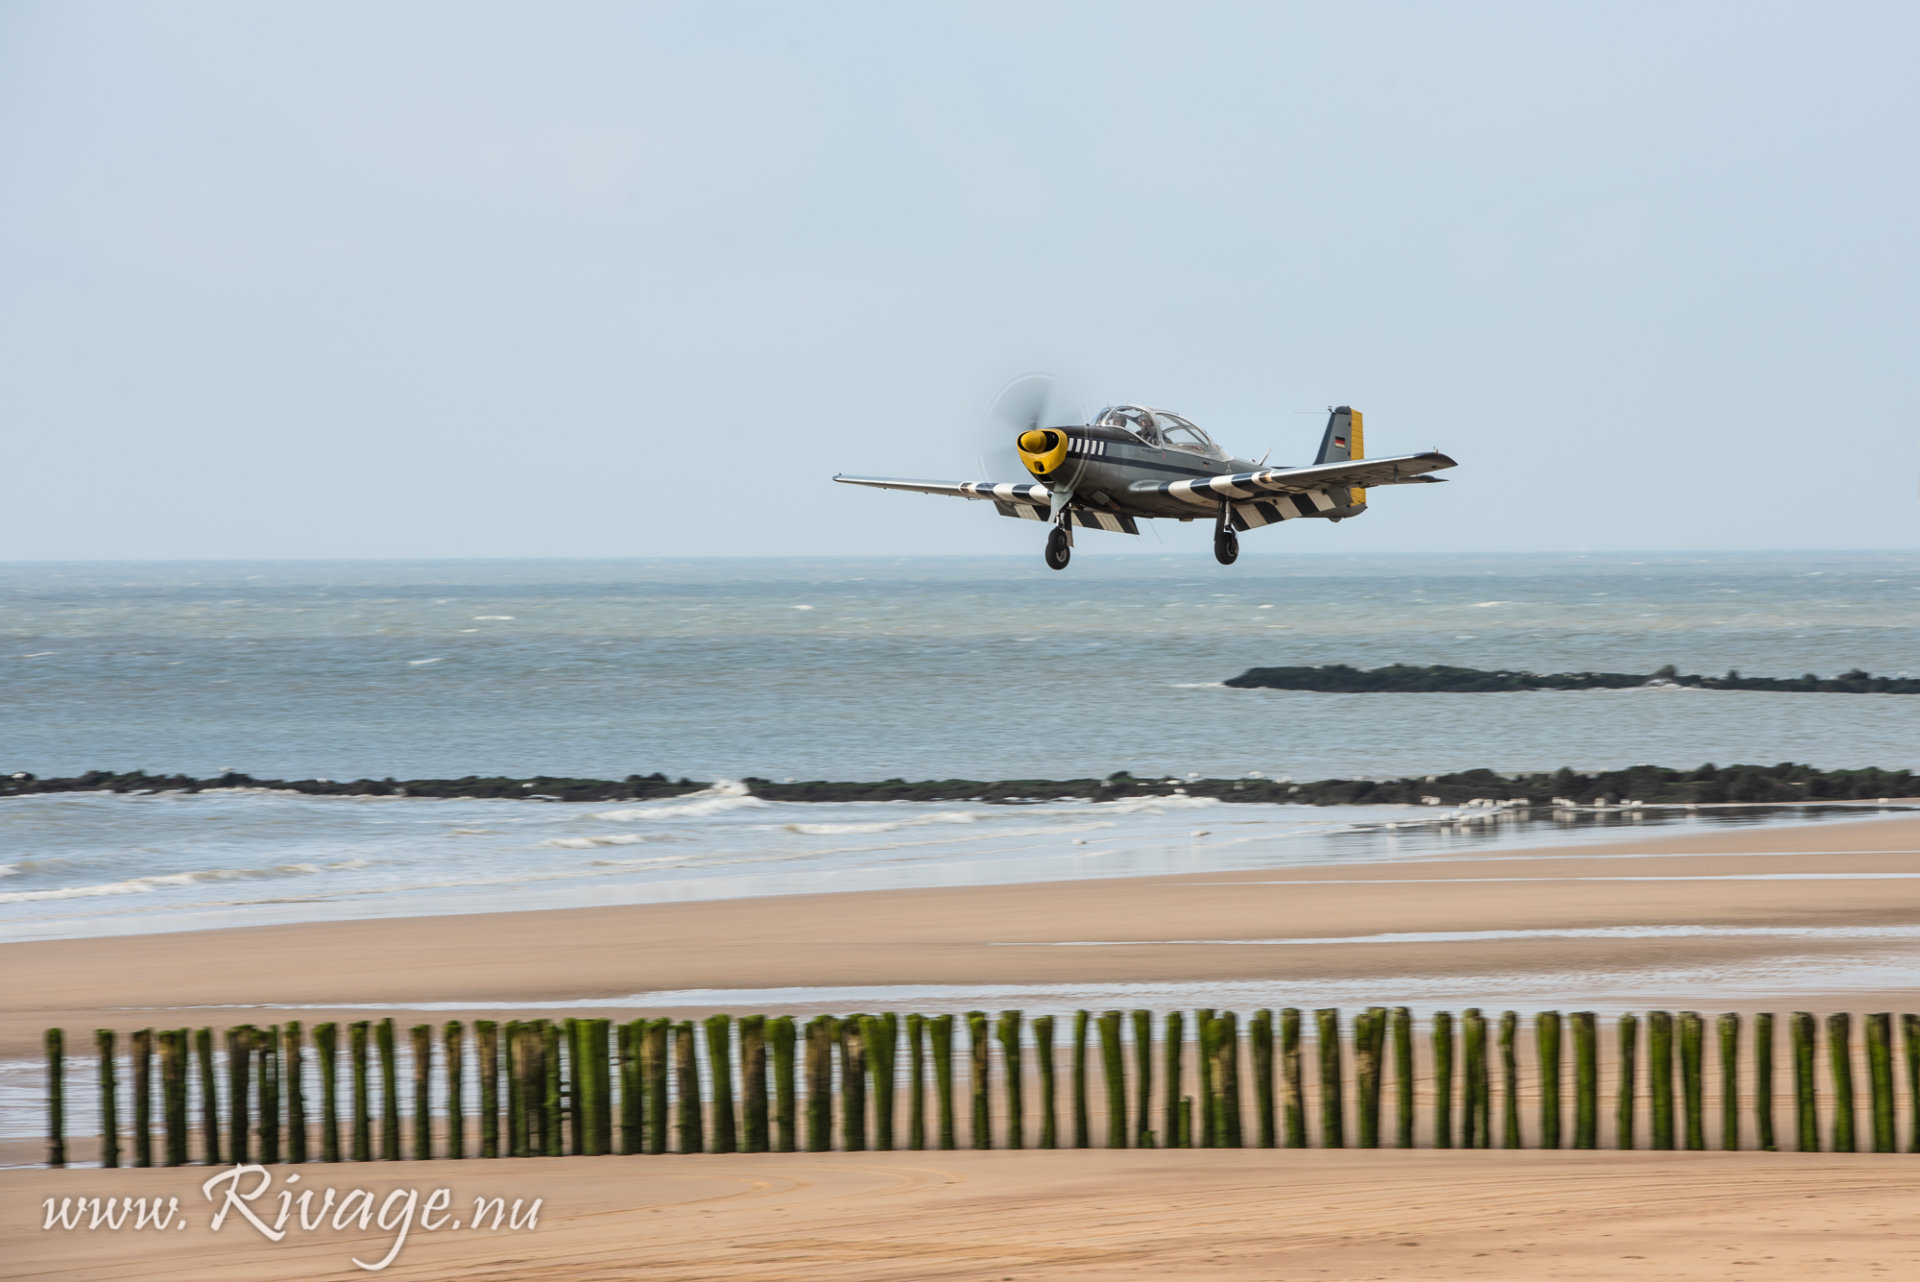 Vintage vliegtuig land op het strand